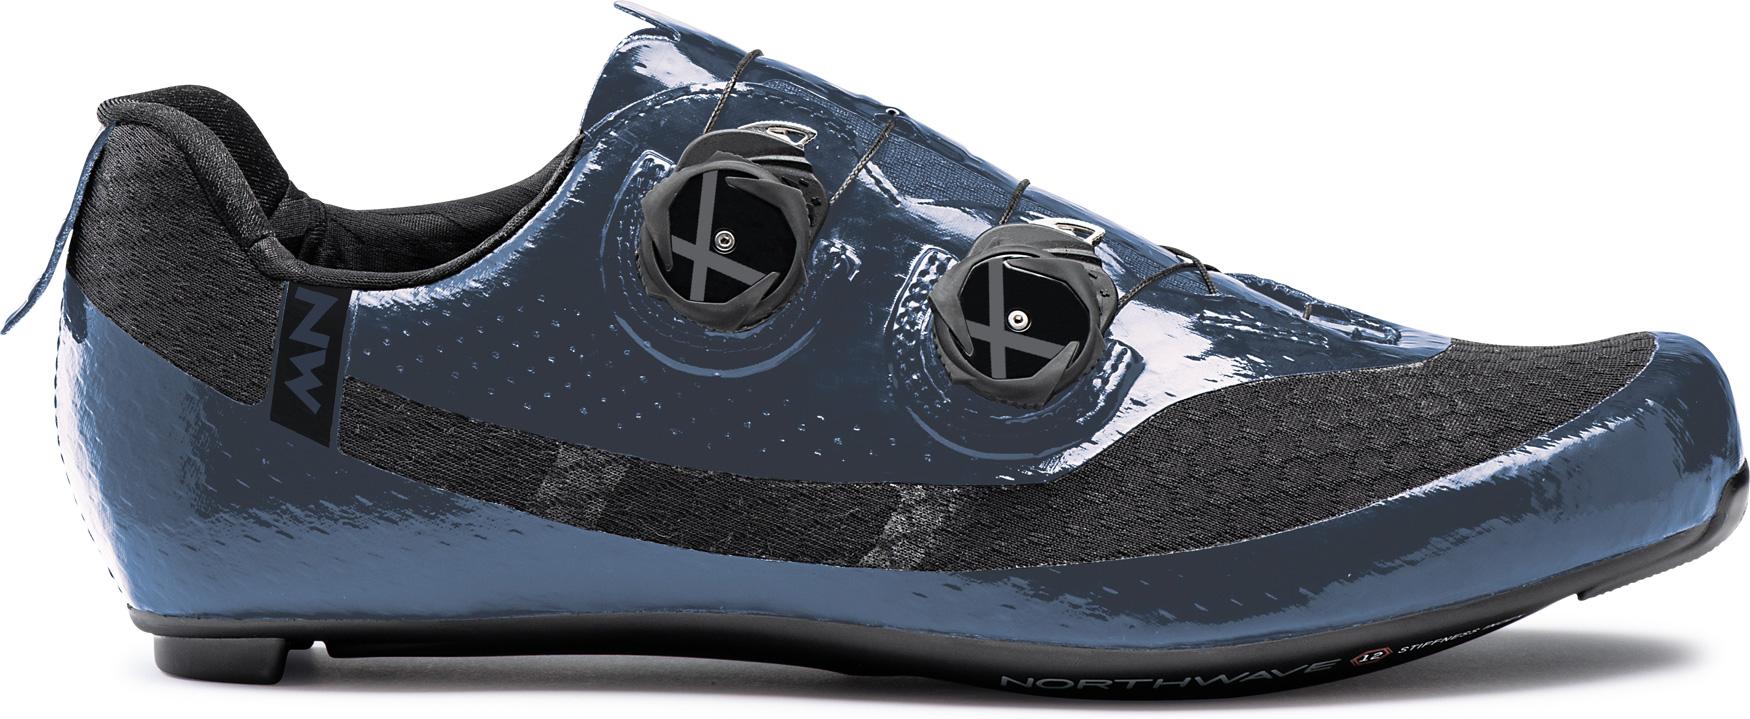 Northwave Mistral Plus Zapatillas de Carreras - metal blue 75